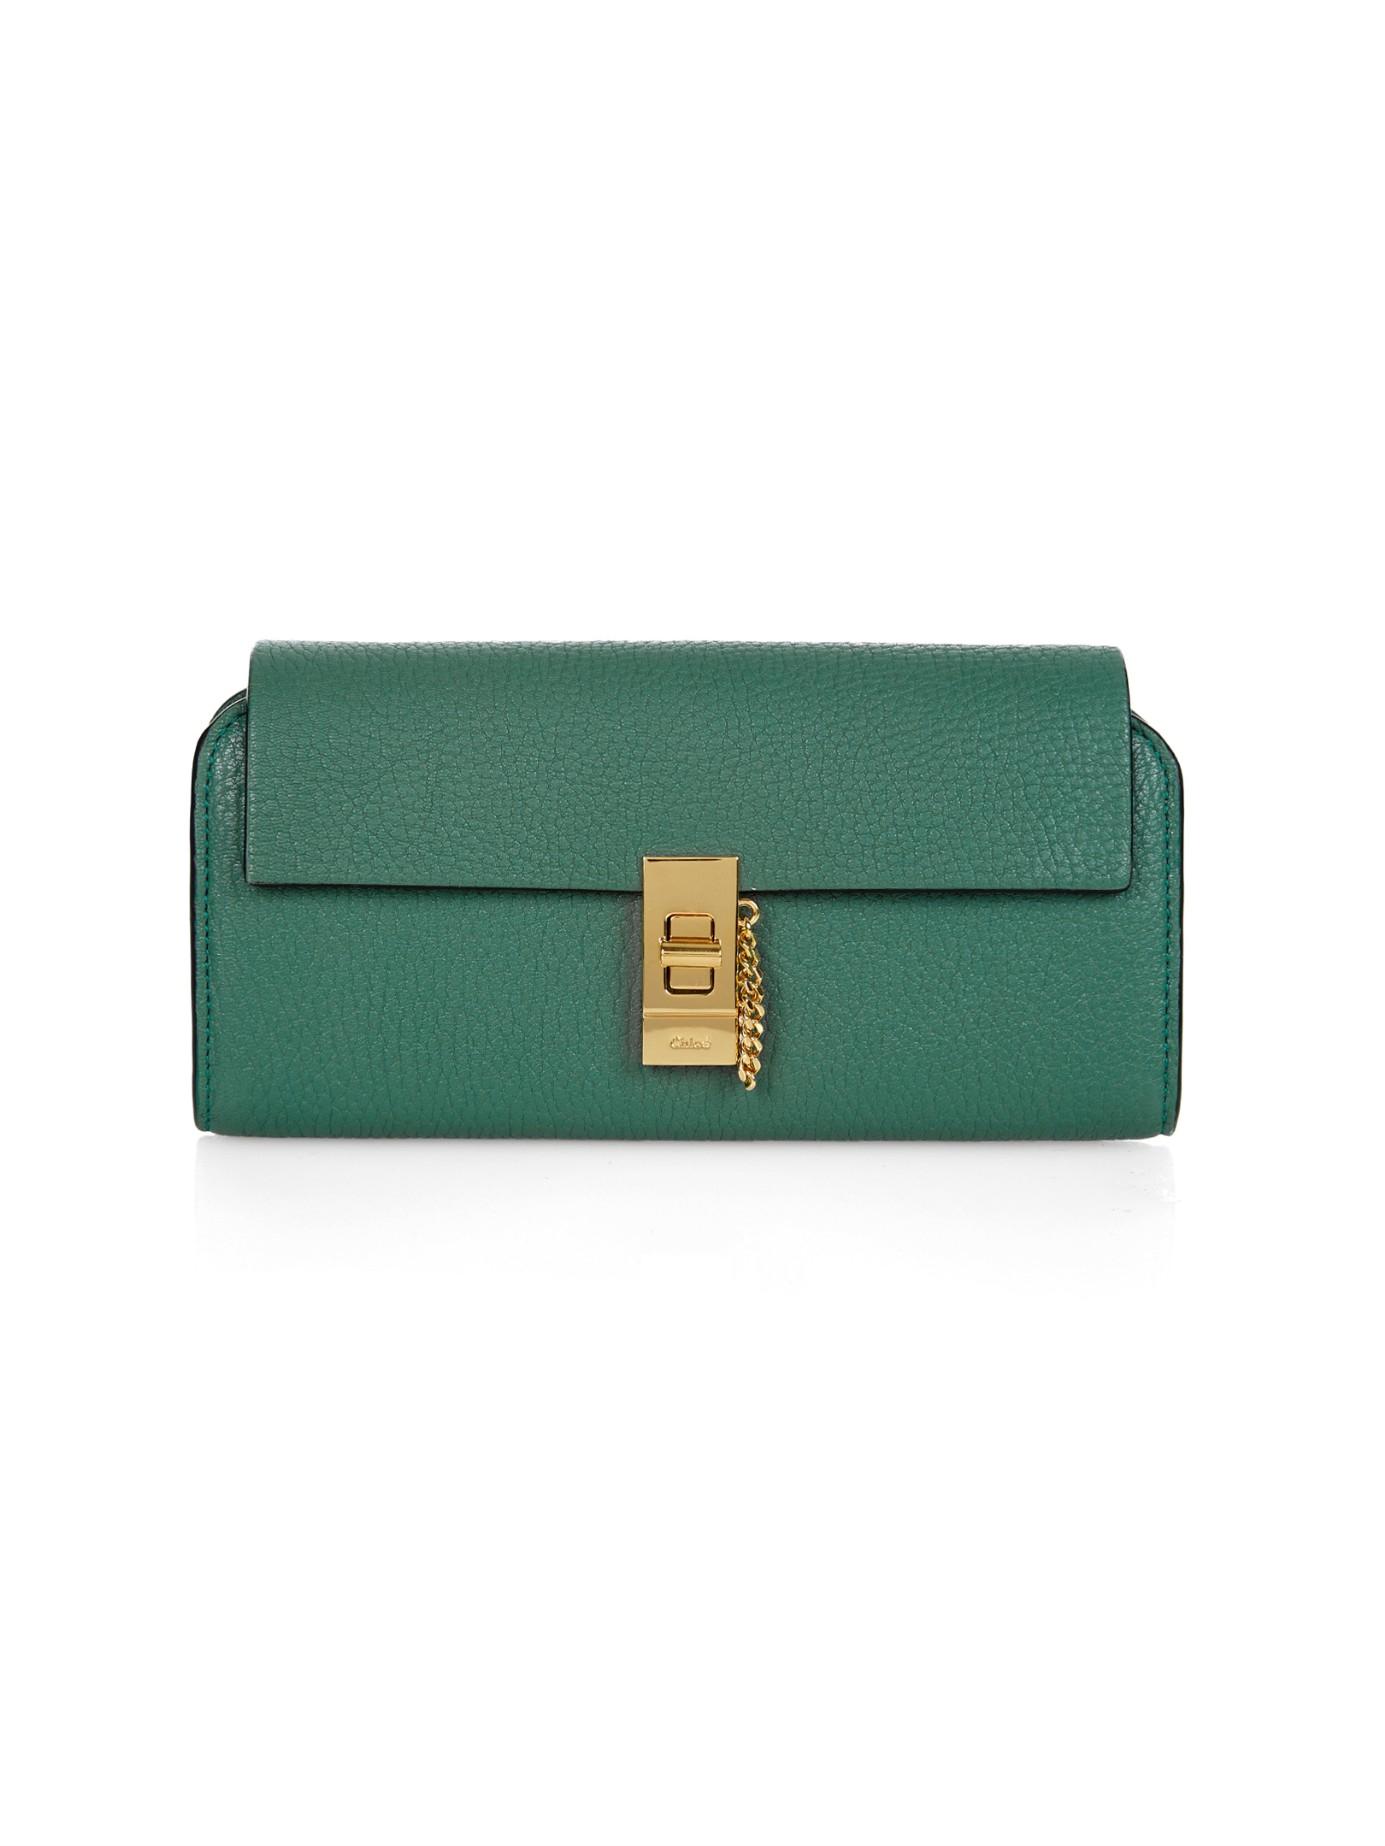 chloe wallets online